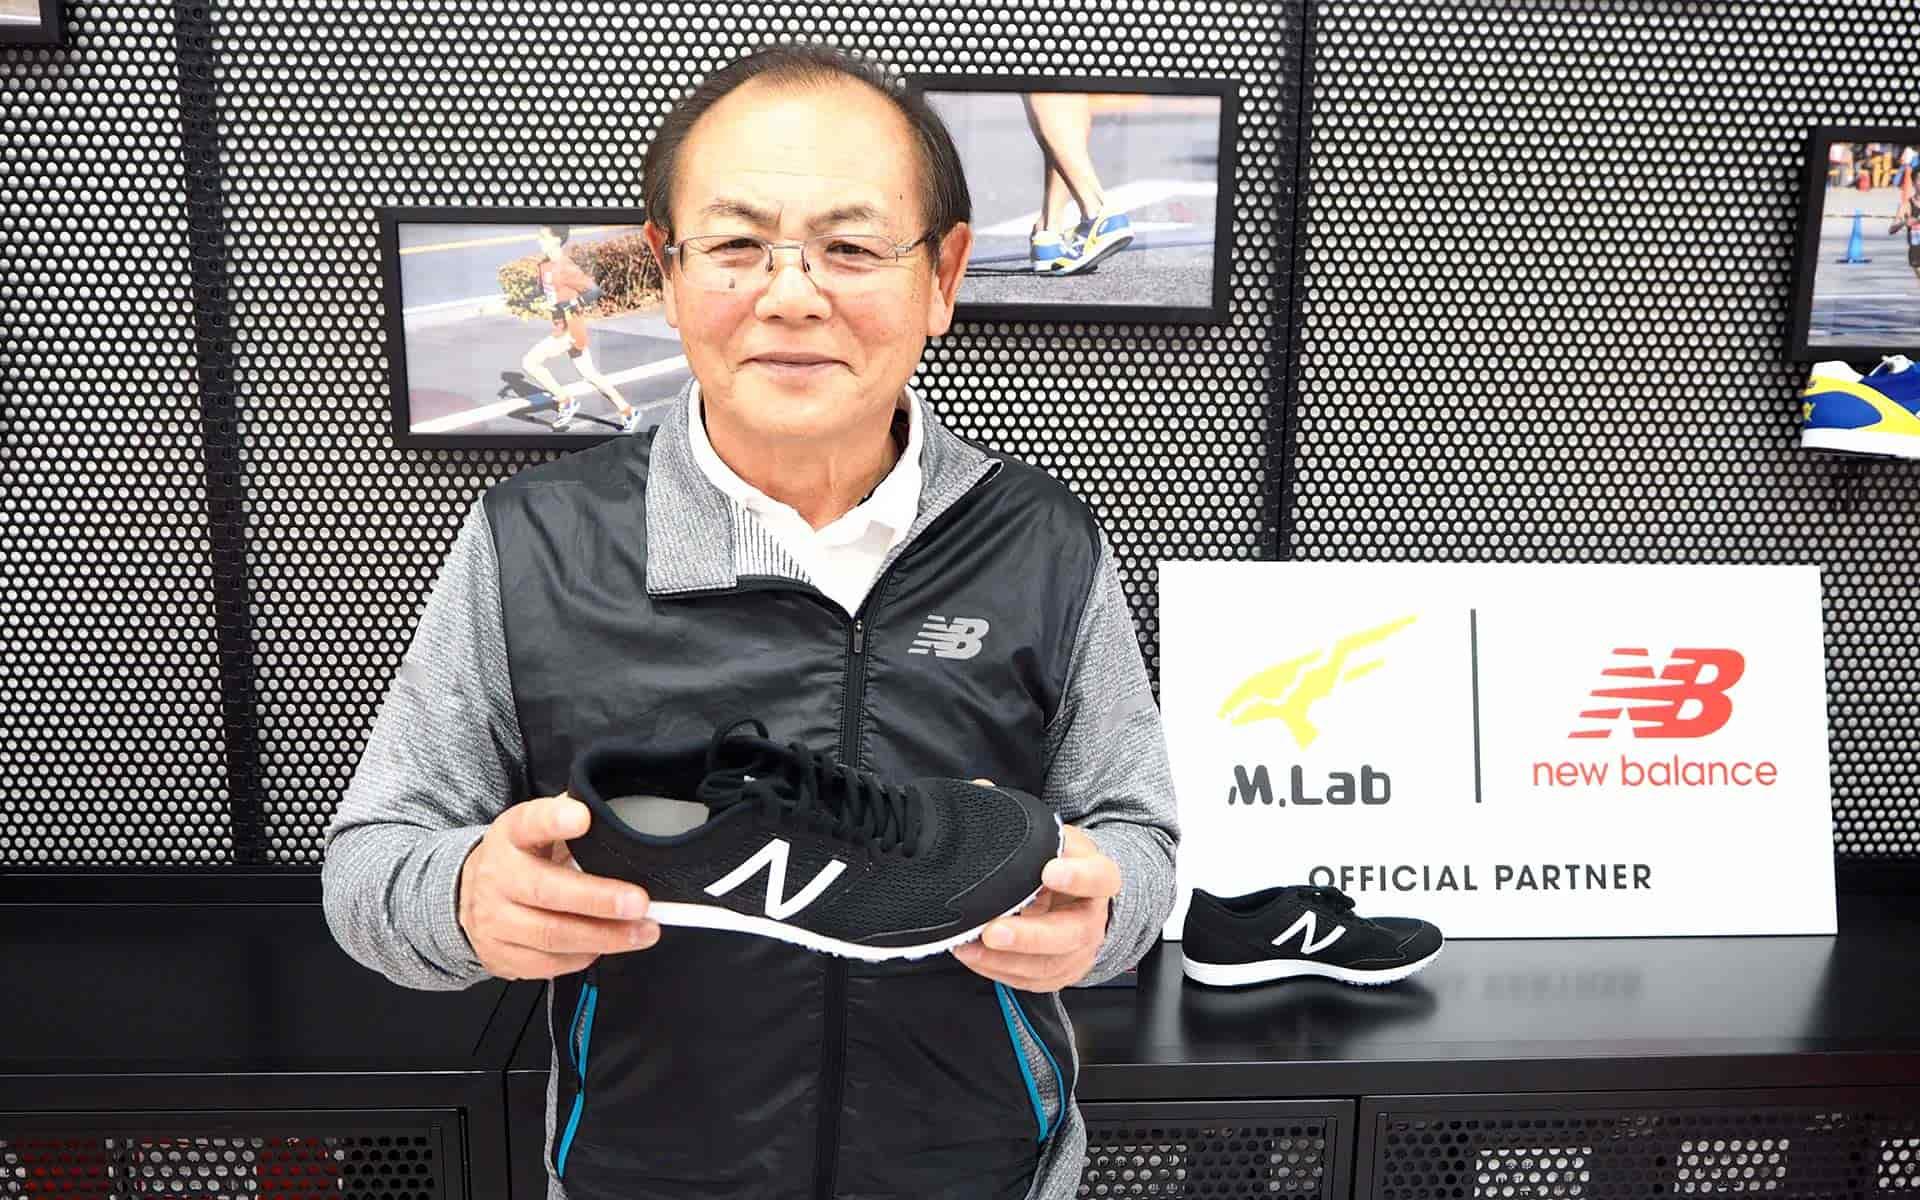 7a3da5c51db92 小平奈緒の金メダルを支え、谷口浩美は「この靴のおかげ」と言った。|さんち 〜工芸と探訪〜